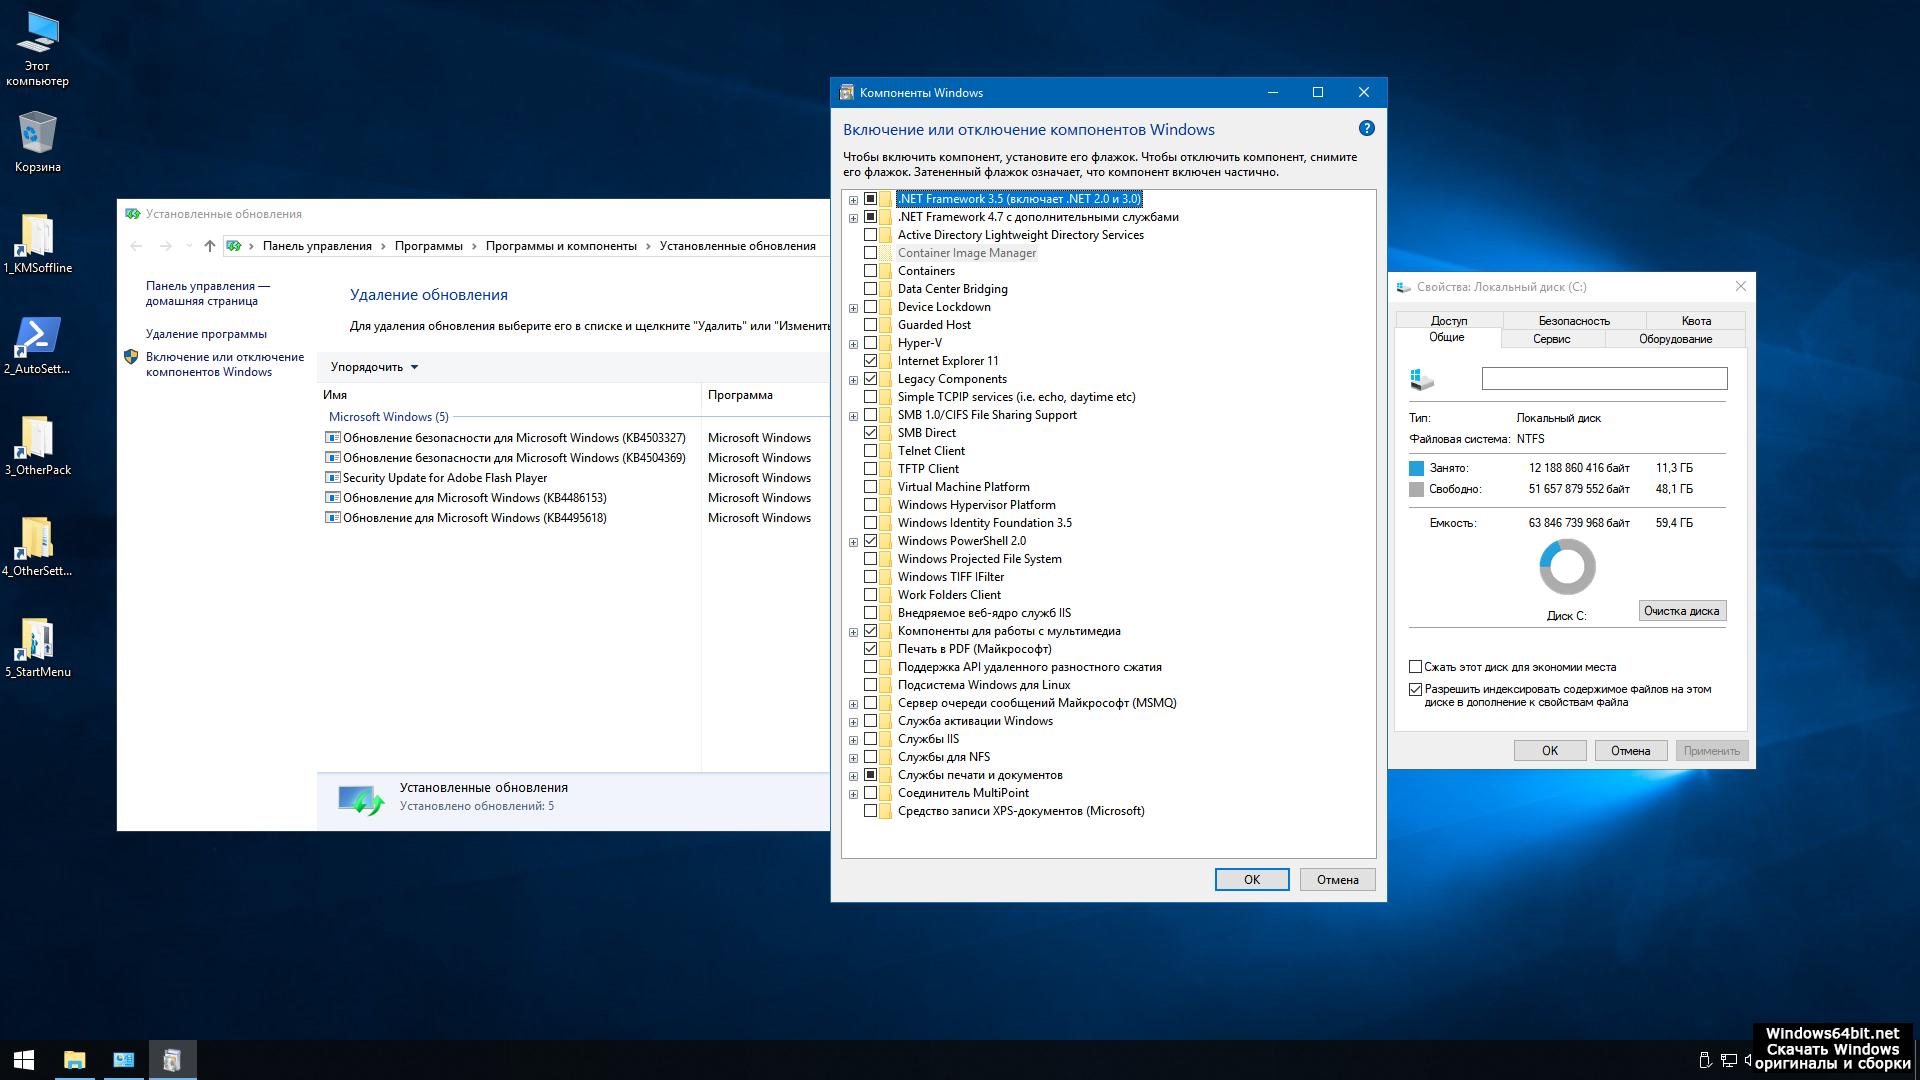 Лучшая Windows 10 LTSC v1809 64bit LeX 6000 2019 скачать торрент